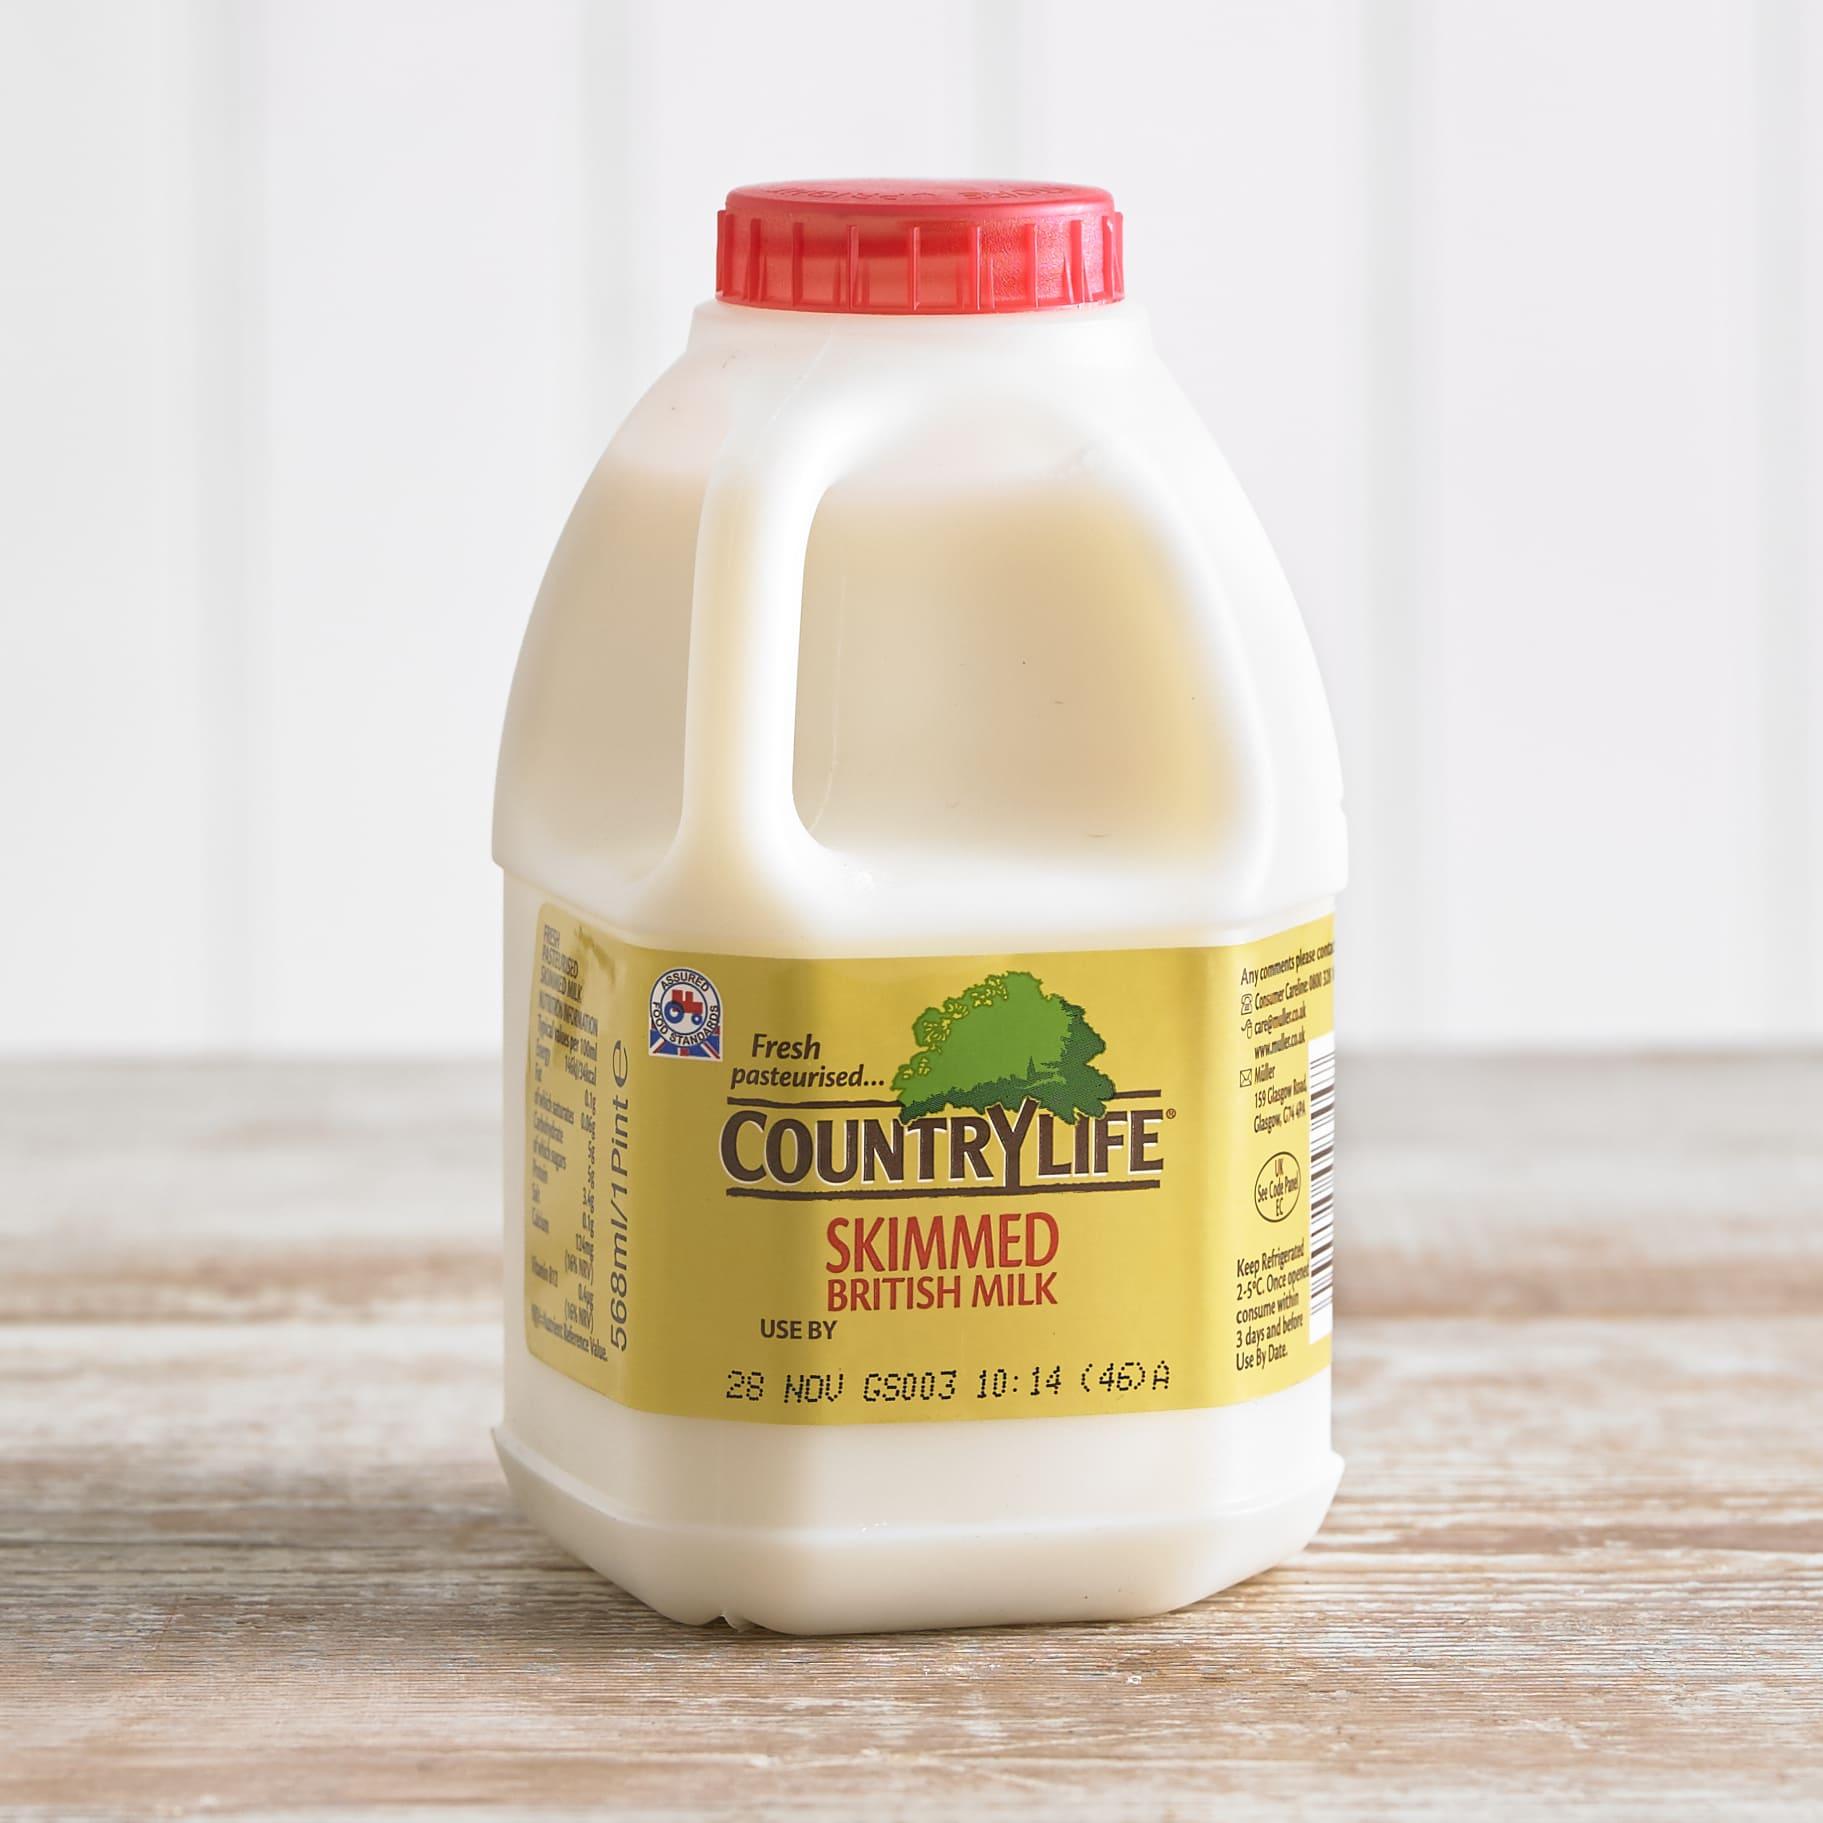 Country Life Skimmed Milk, 568ml, 1pt